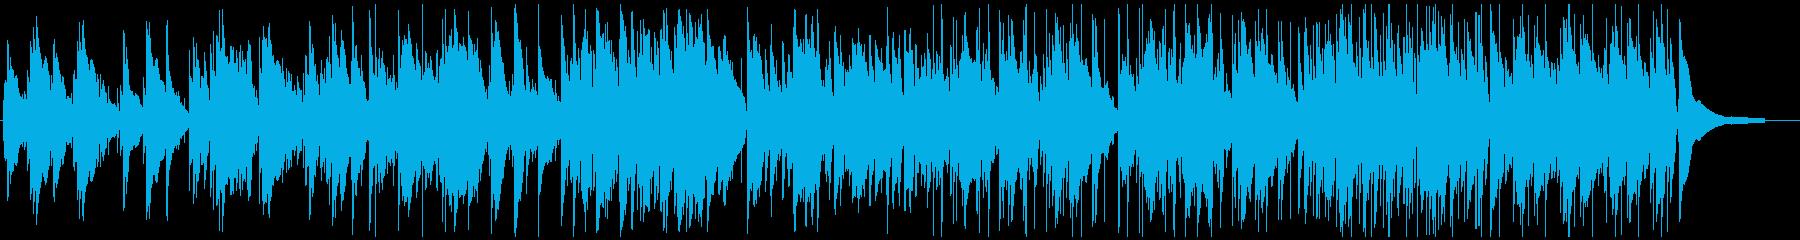 くつろぎのピアノとアコースティックギターの再生済みの波形